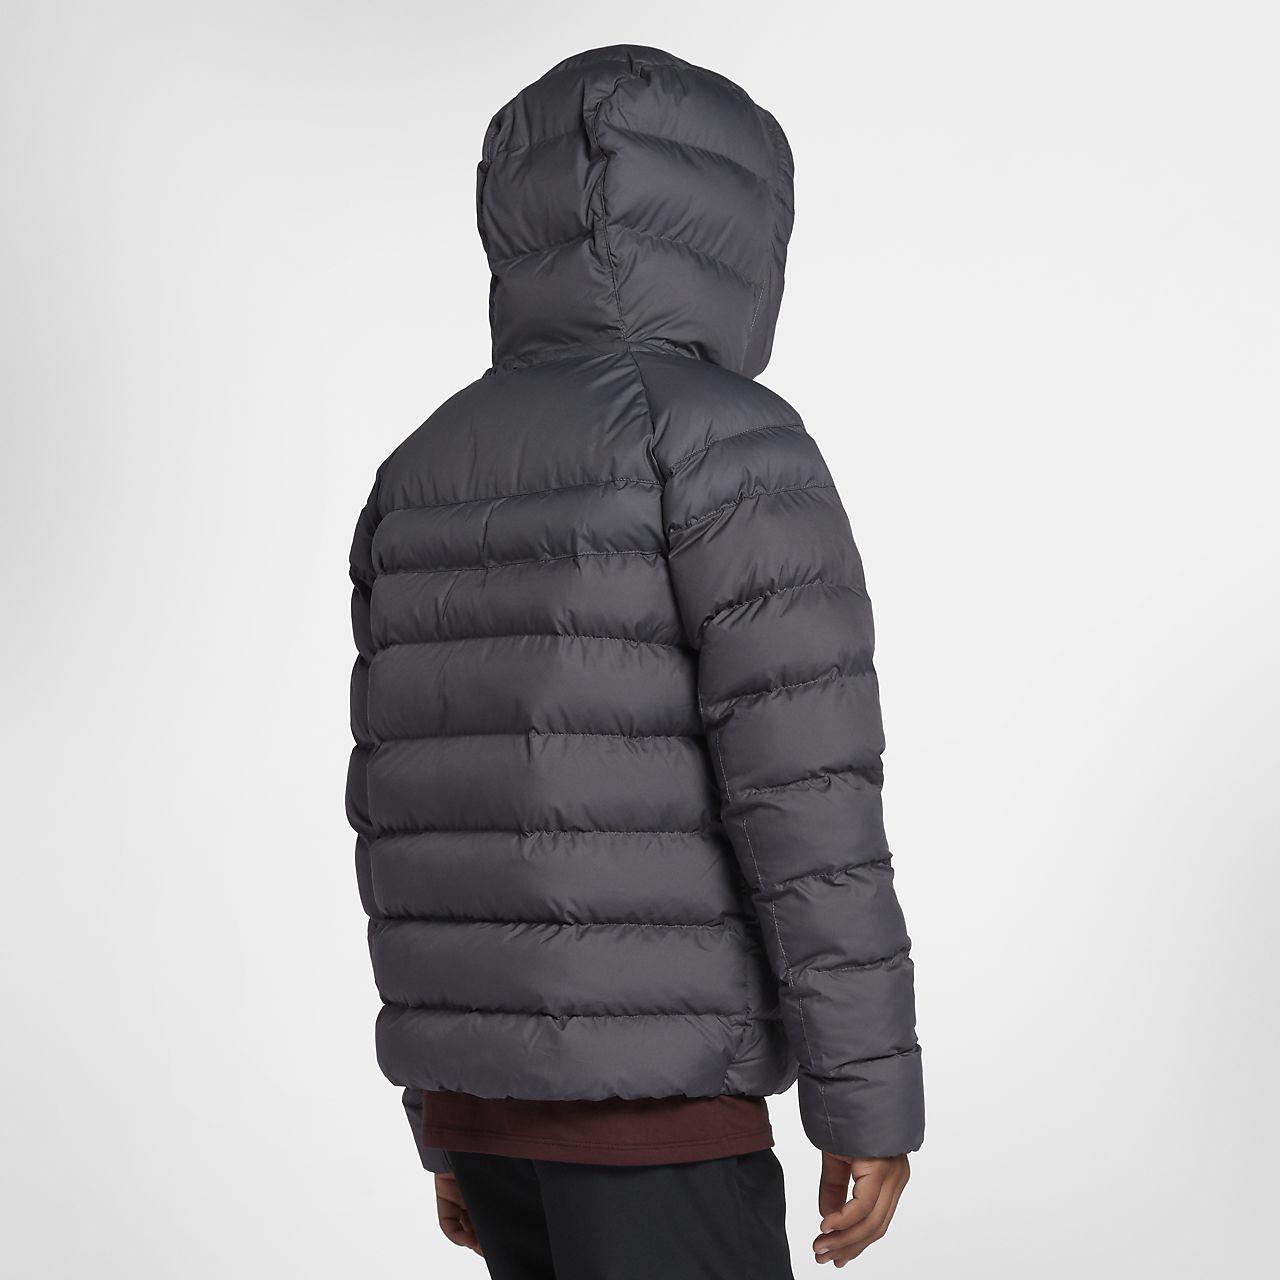 6ac7879c1d81 Nike Sportswear Older Kids  Synthetic-Fill Jacket. Nike.com IE